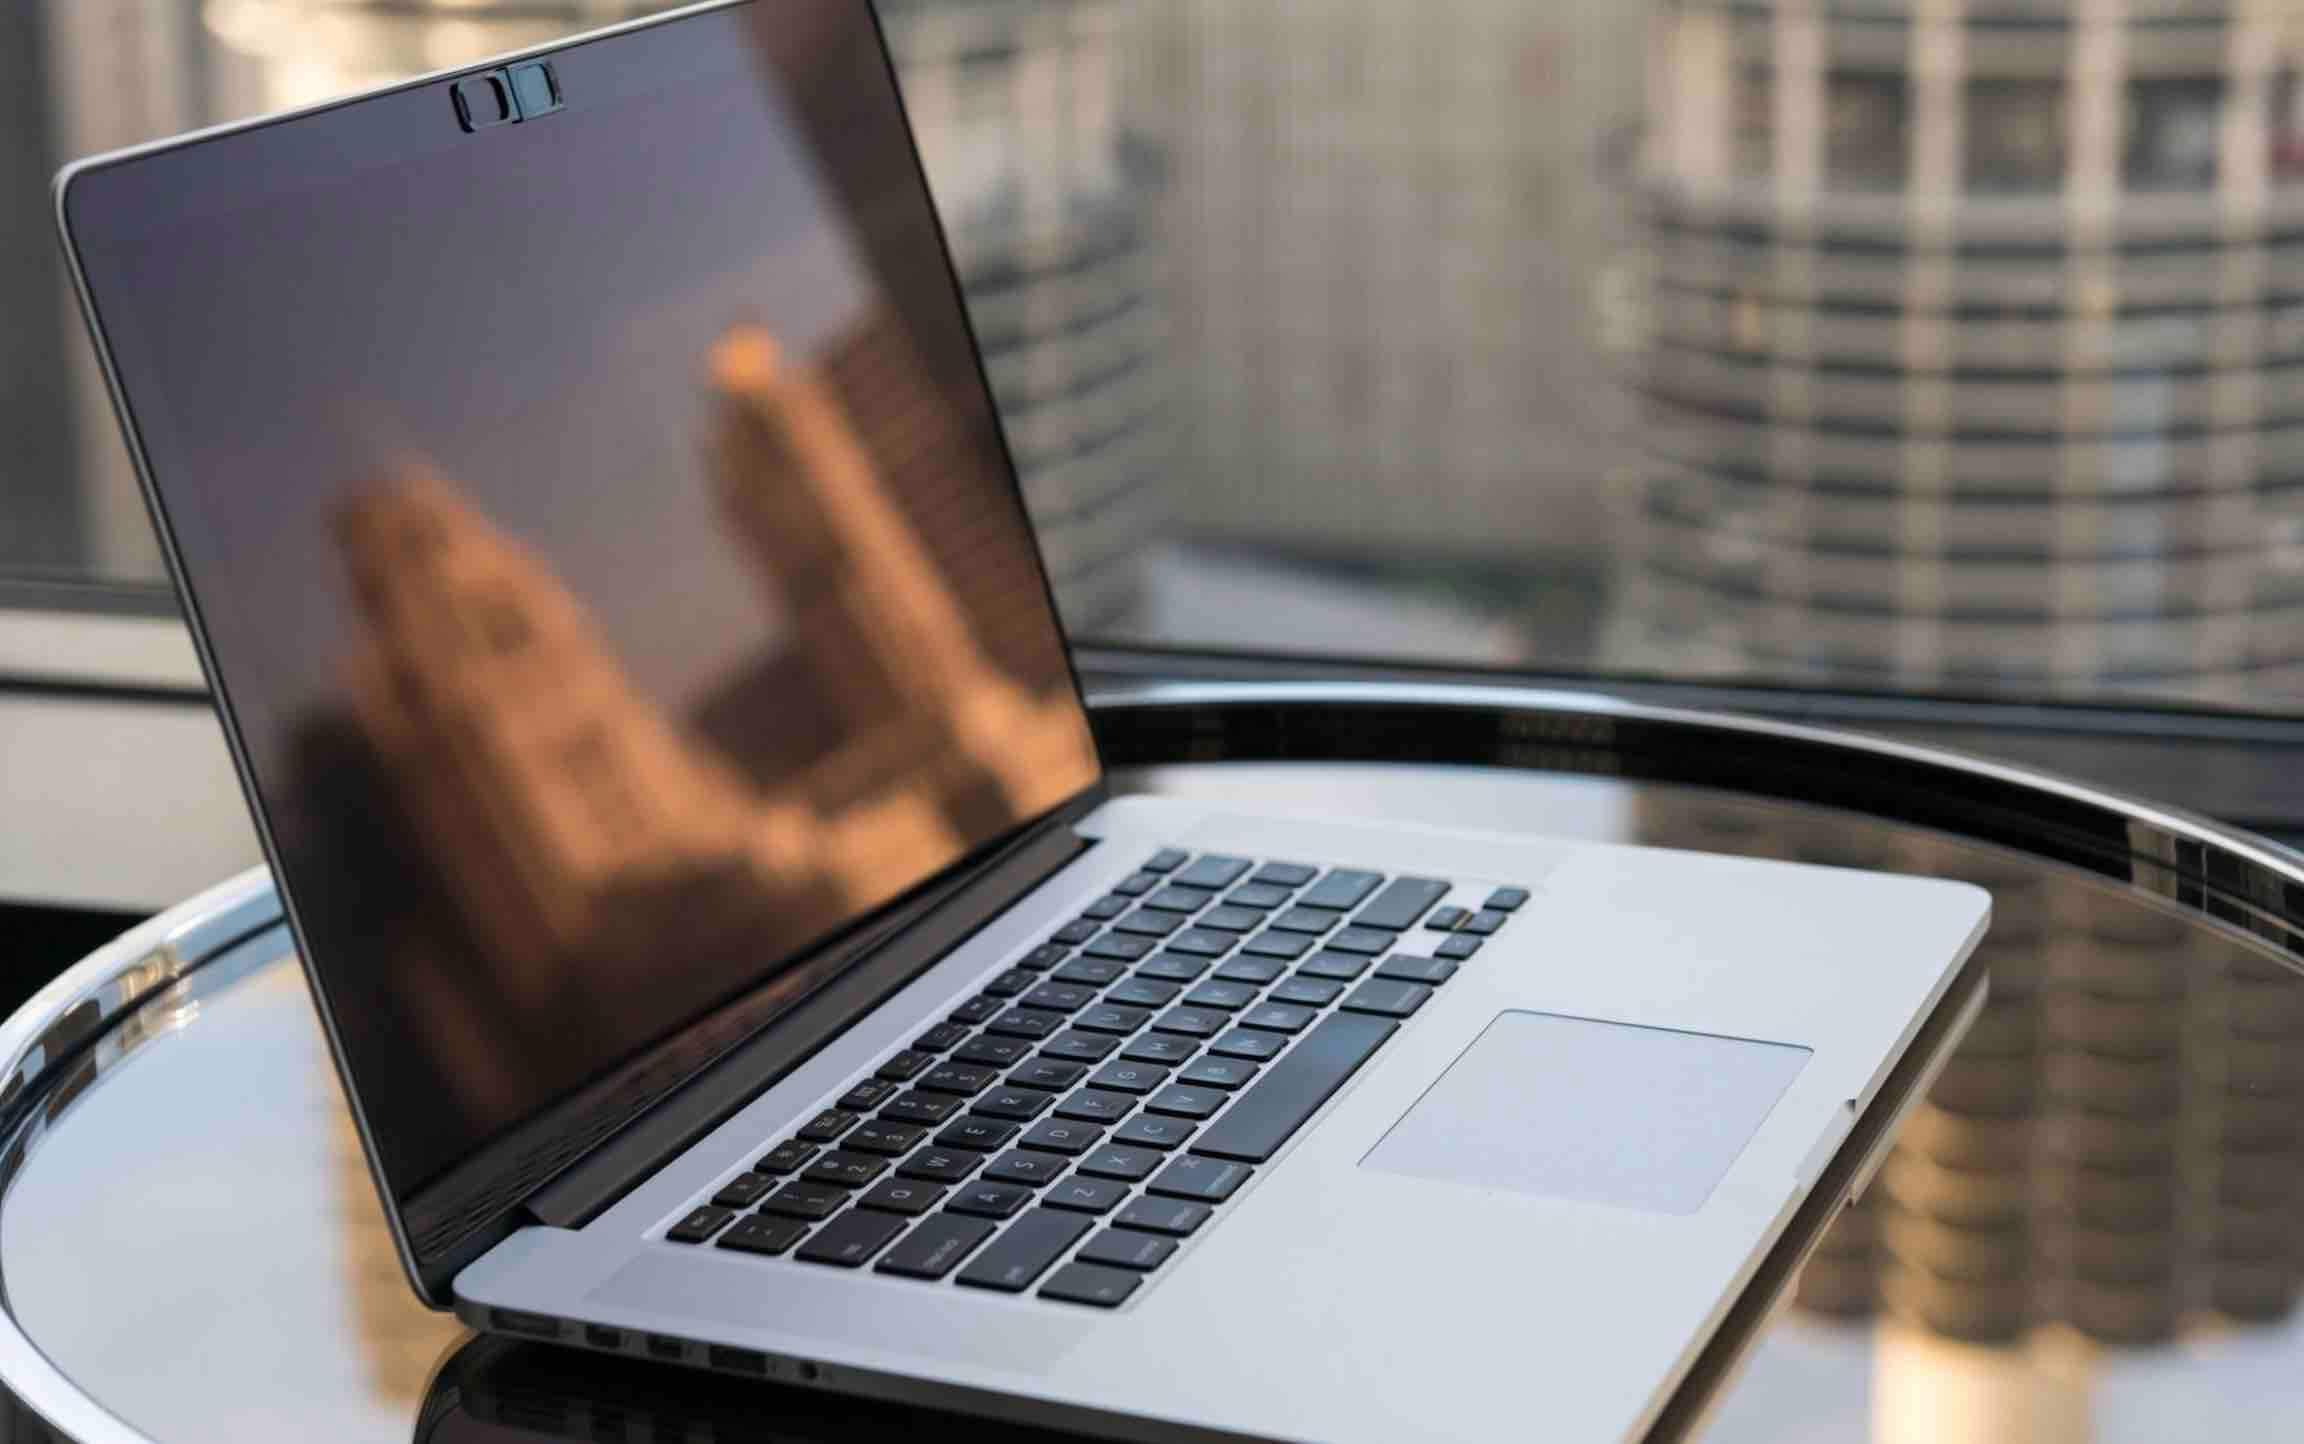 macbook clean app